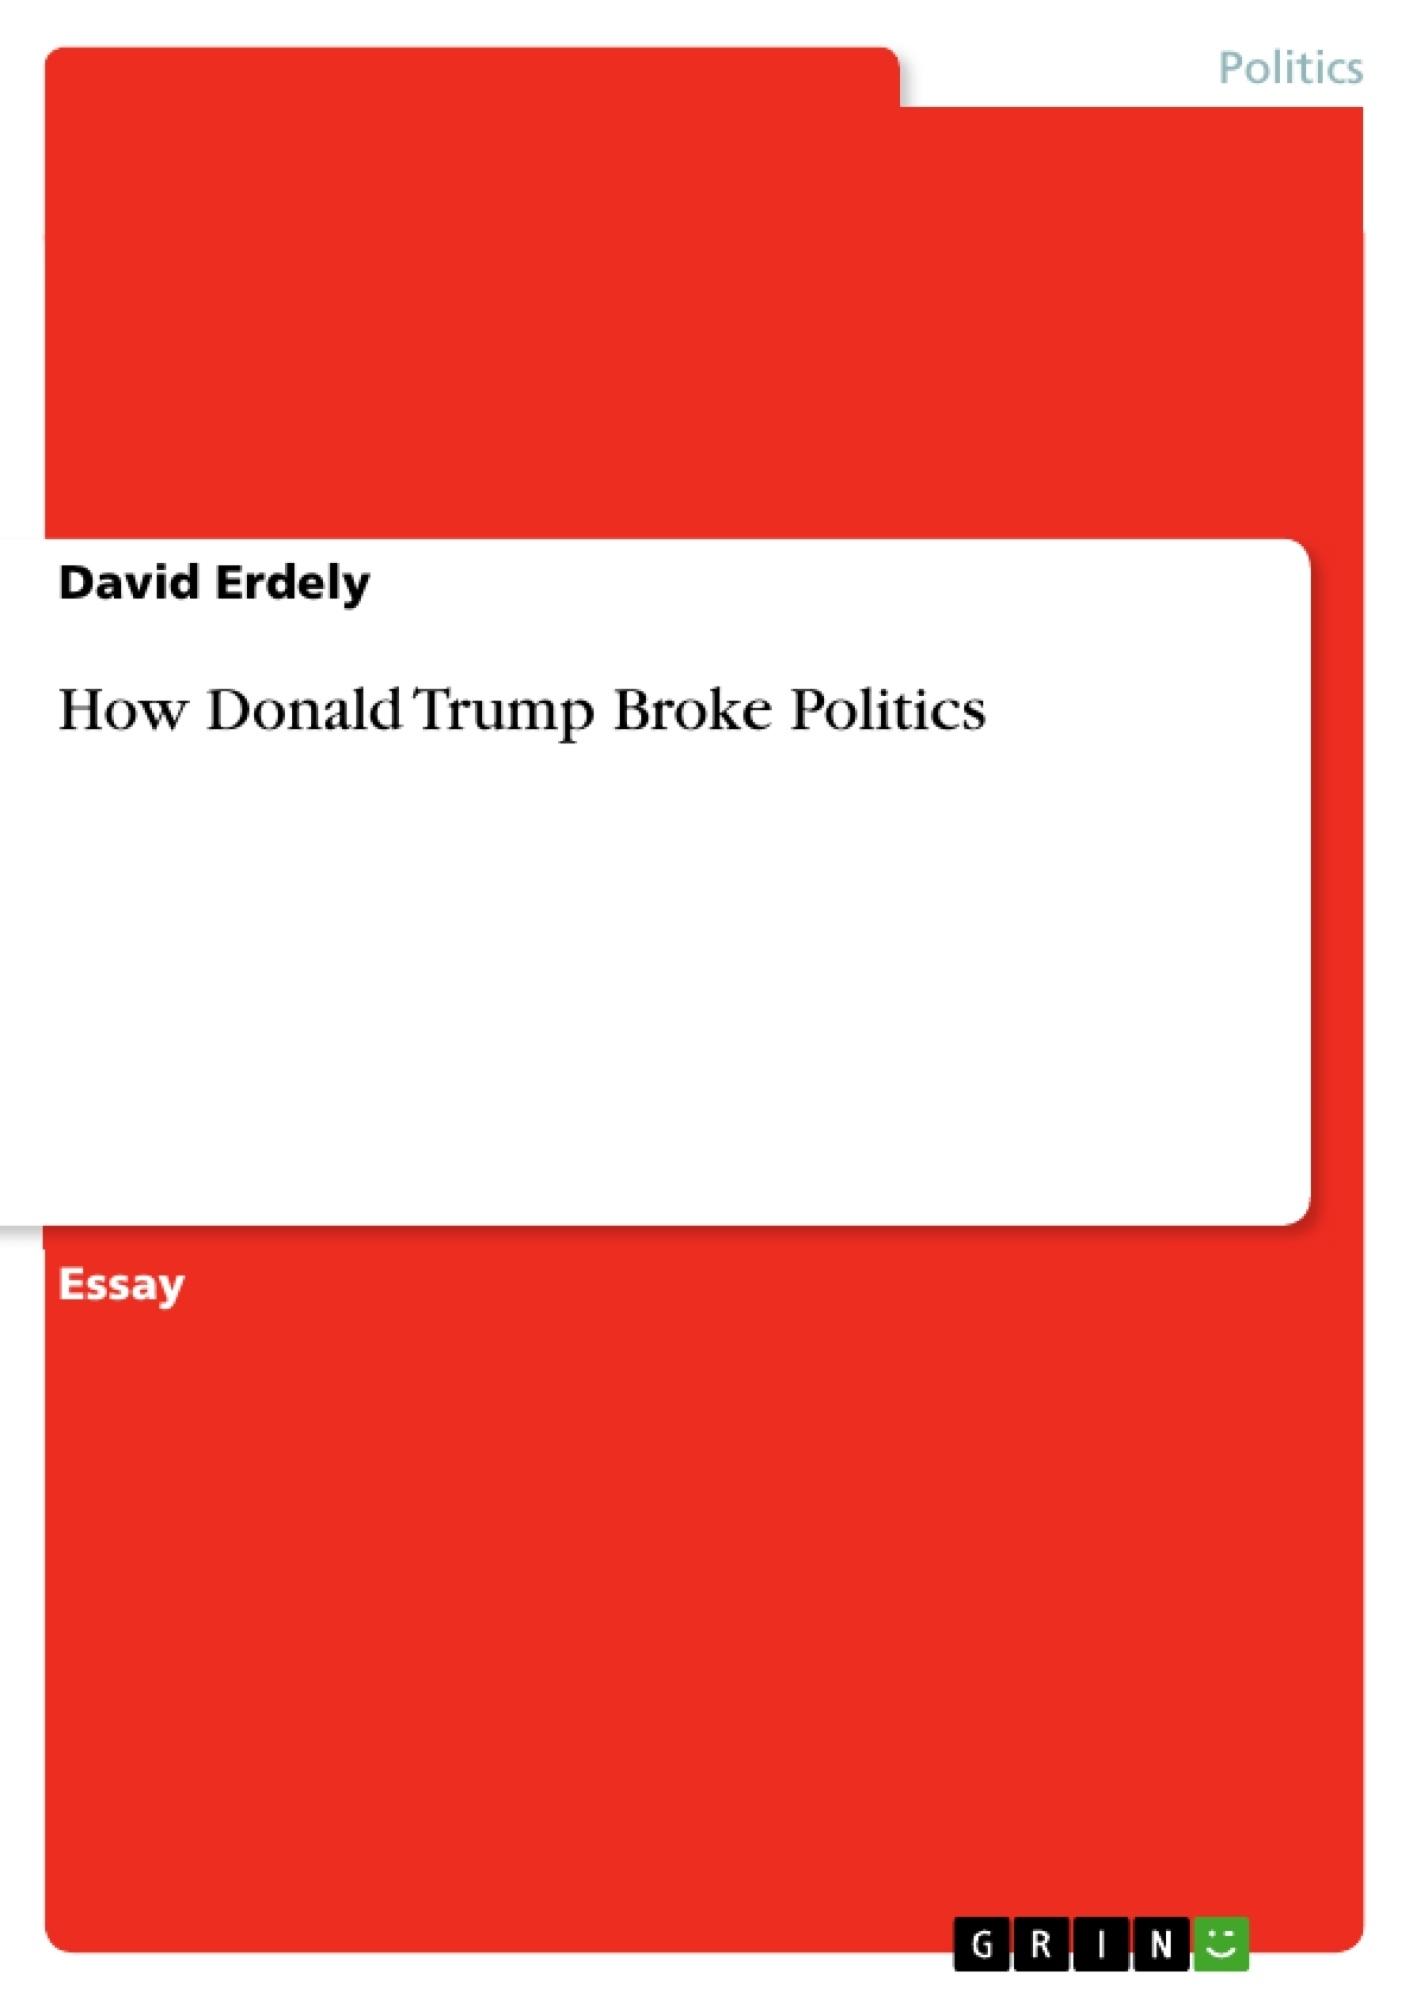 Title: How Donald Trump Broke Politics